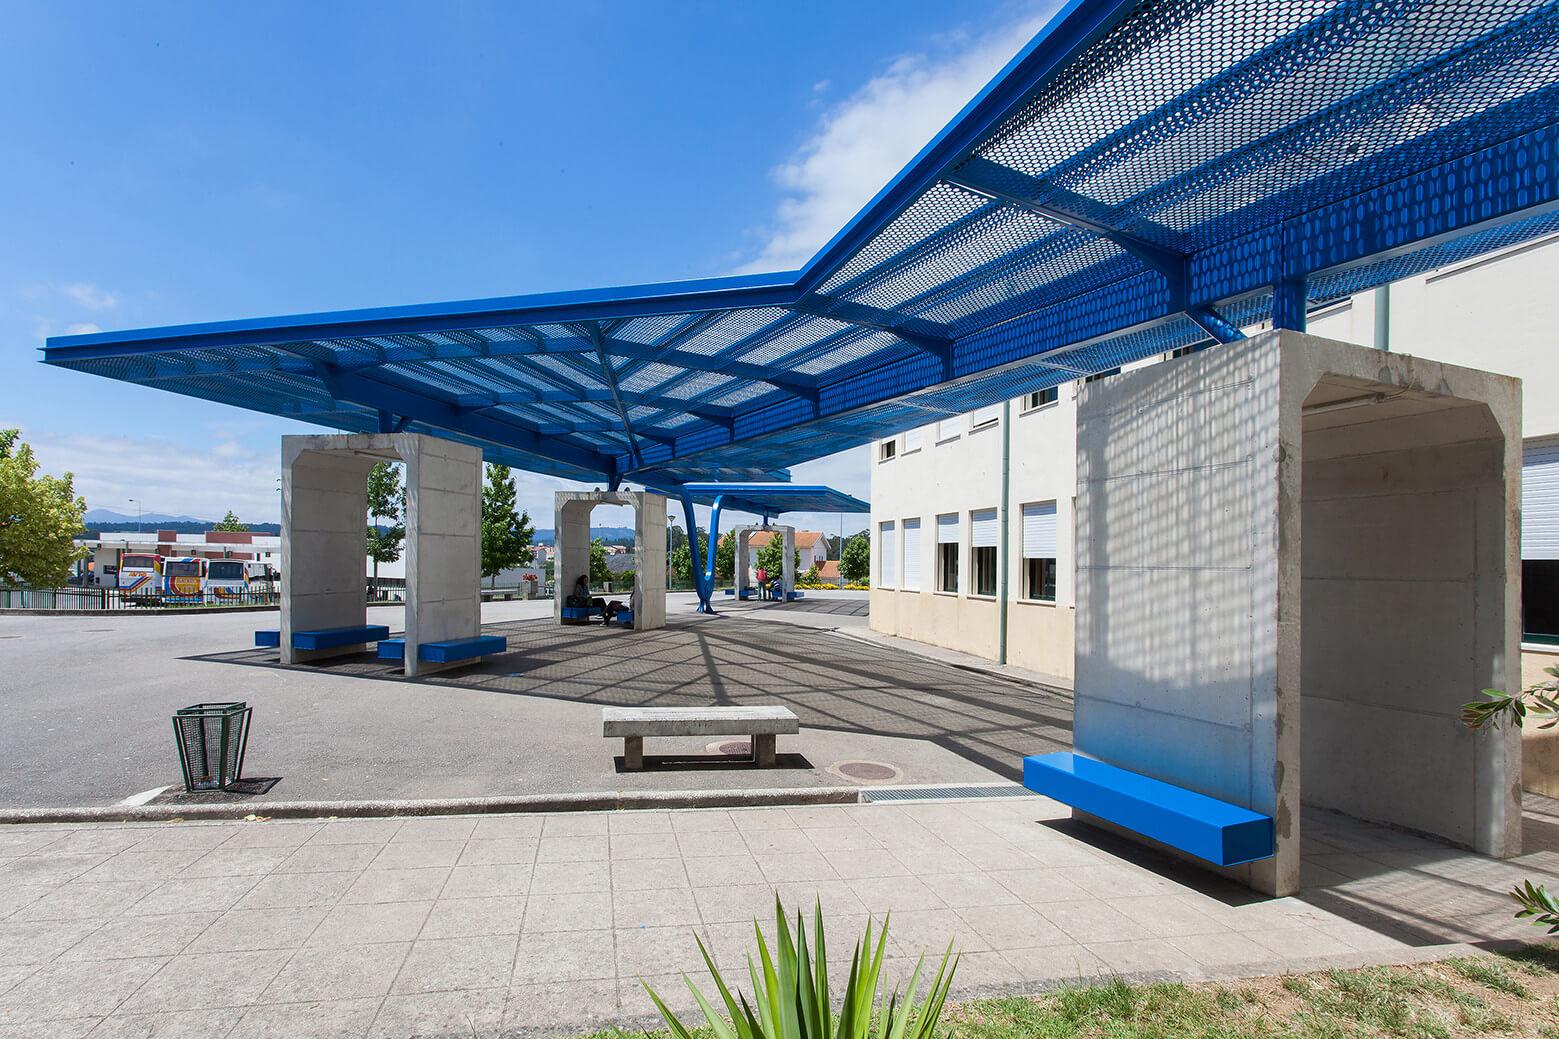 Préau – Cobertura na Escola EB23 de Monção